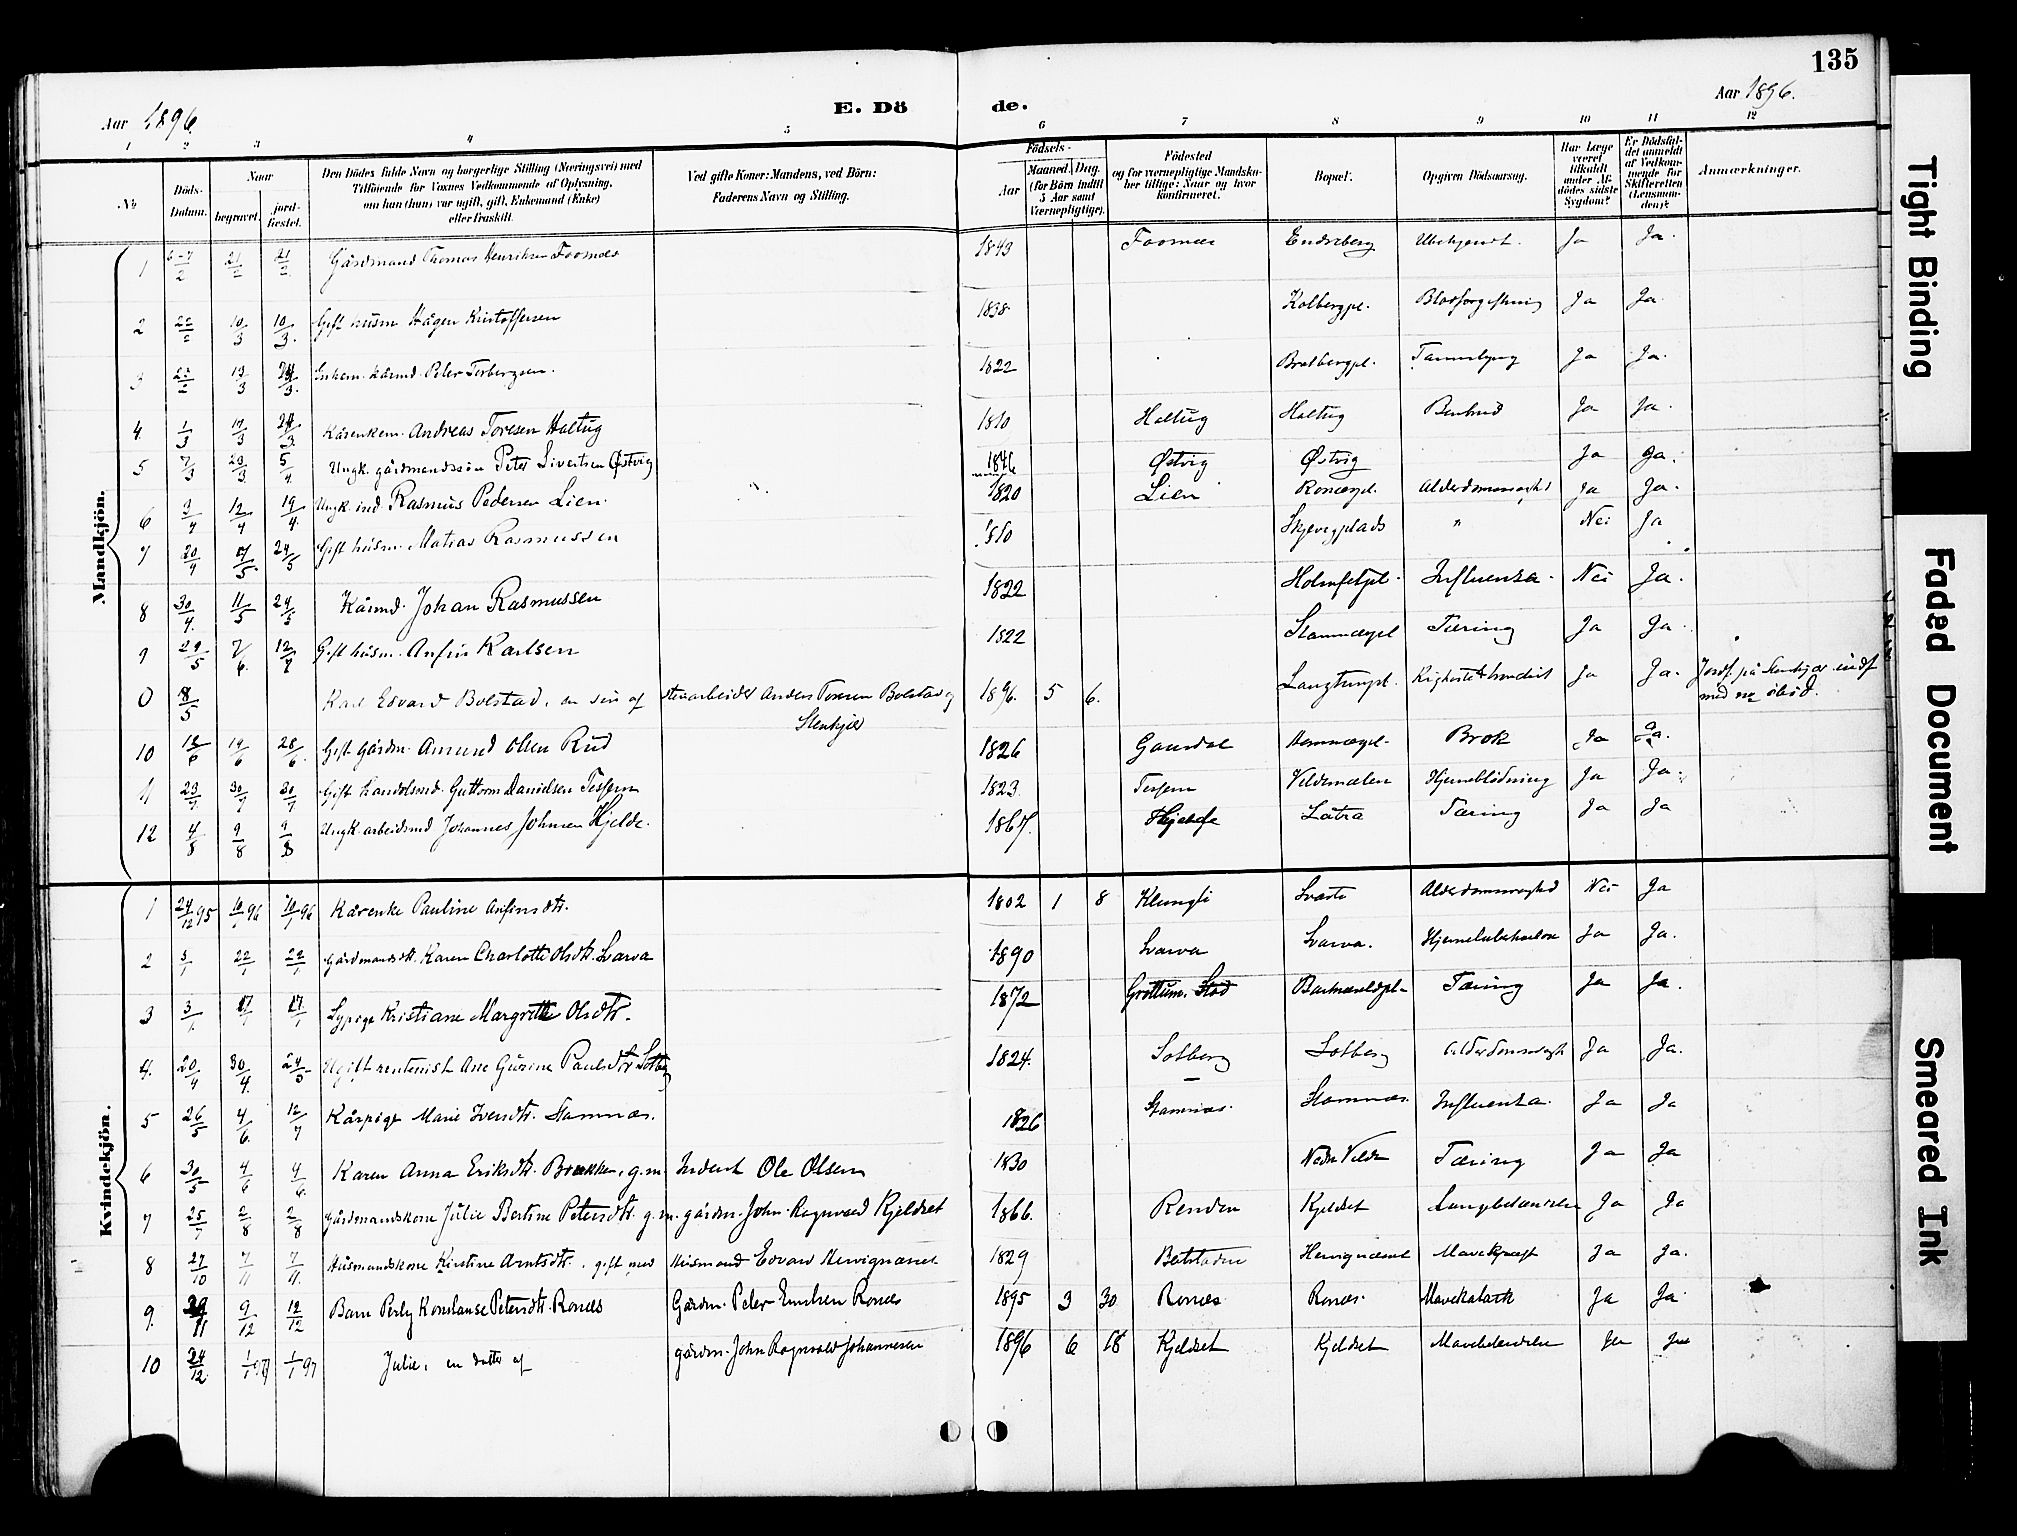 SAT, Ministerialprotokoller, klokkerbøker og fødselsregistre - Nord-Trøndelag, 741/L0396: Ministerialbok nr. 741A10, 1889-1901, s. 135